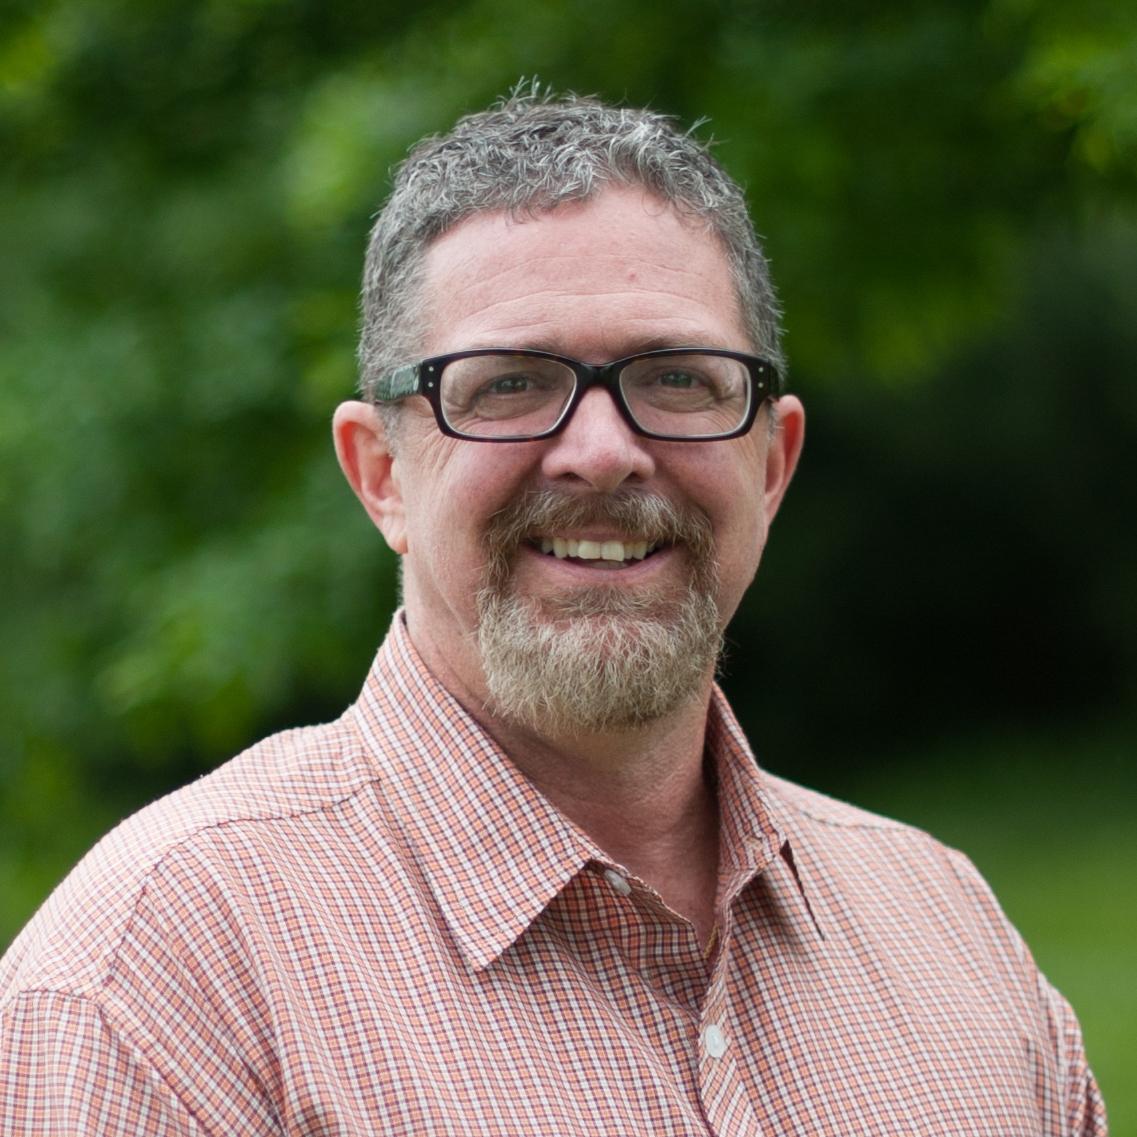 Associate Pastor Greg Miller